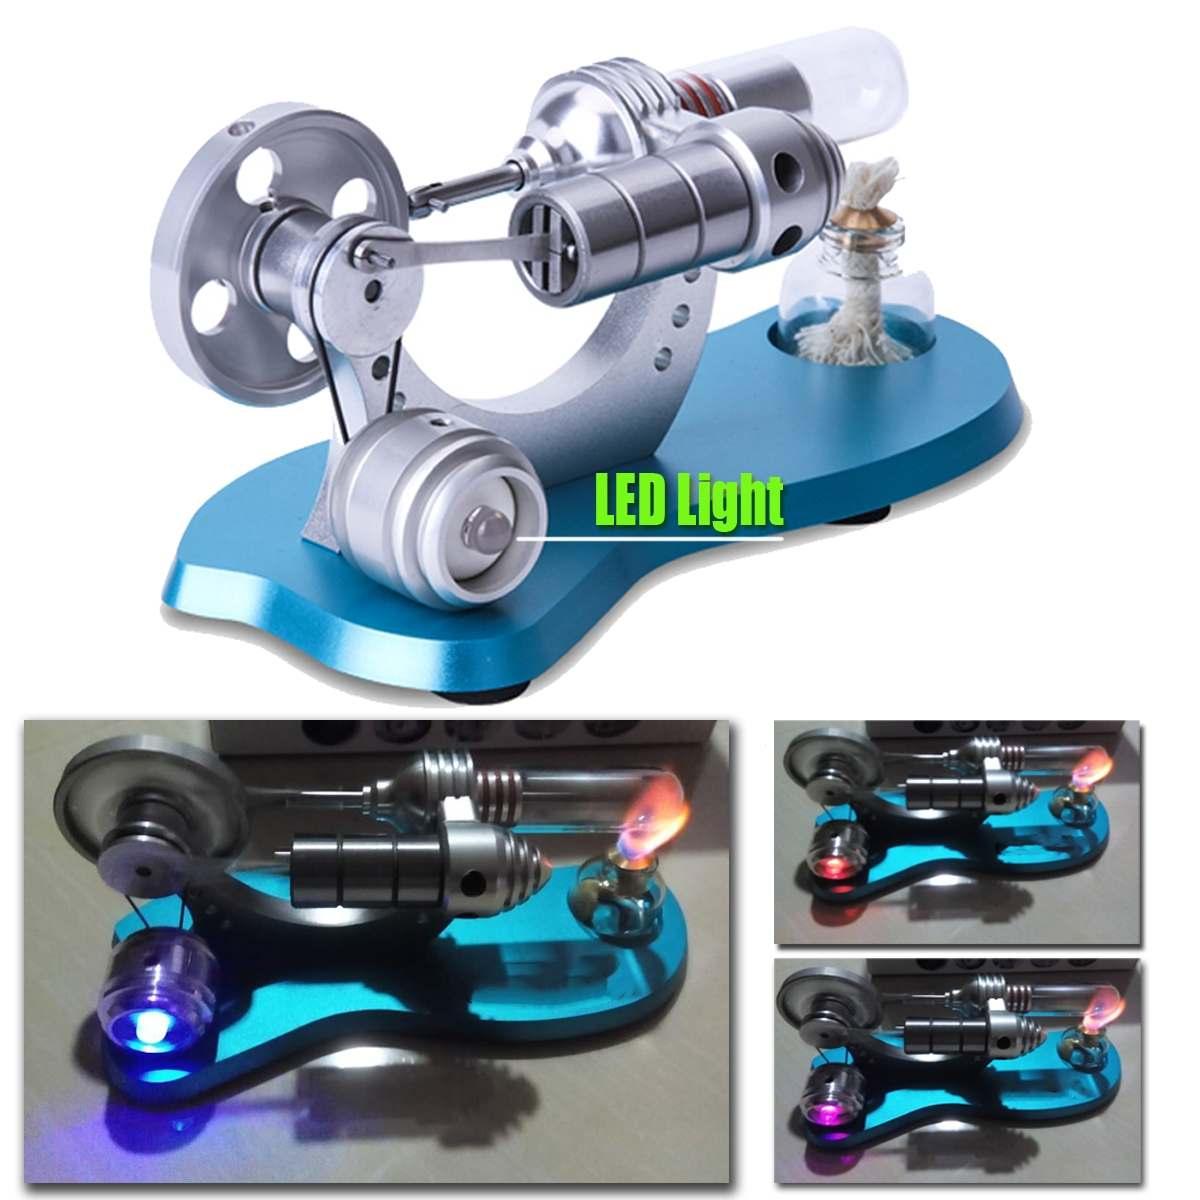 Mini Air Chaud Moteur Stirling Moteur Modèle Éducatifs la Machine À Vapeur kit de jouet Avec lumière led pour Enfants Adulte